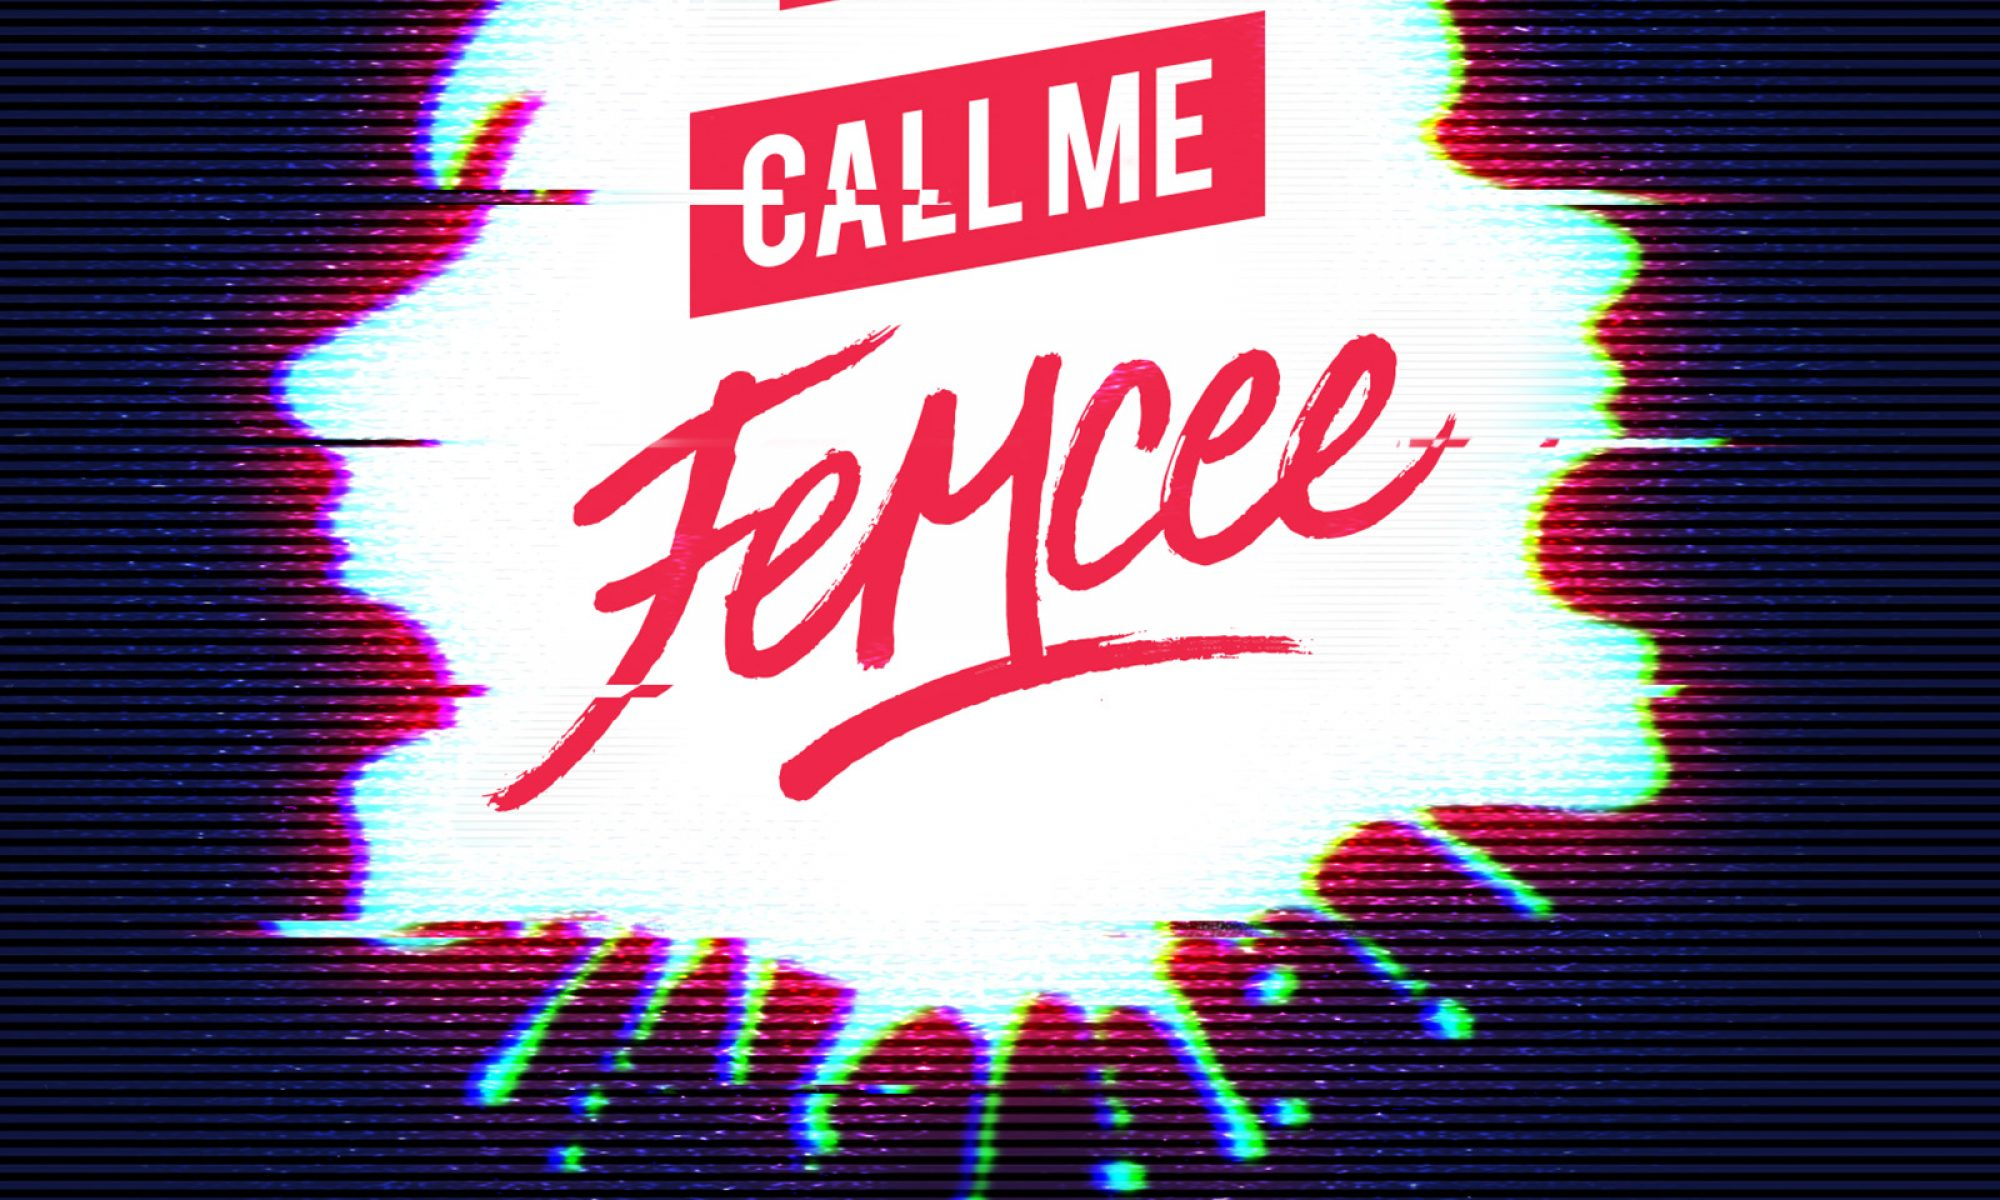 CALL ME FEMCEE